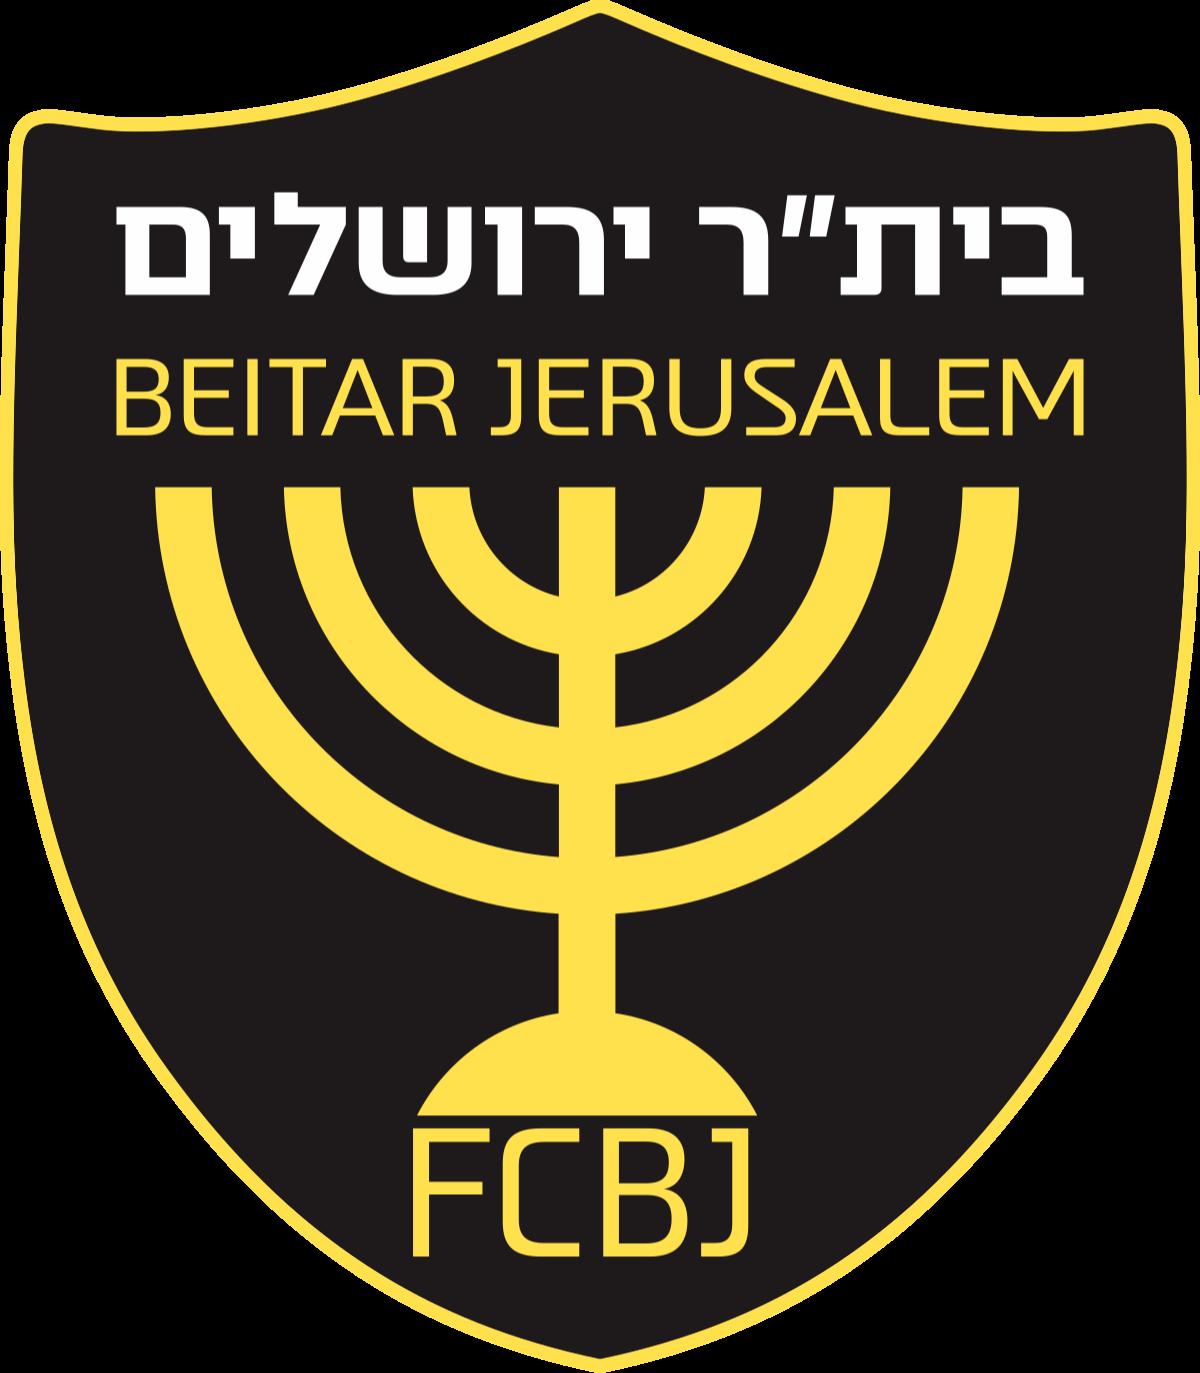 贝塔耶路撒冷